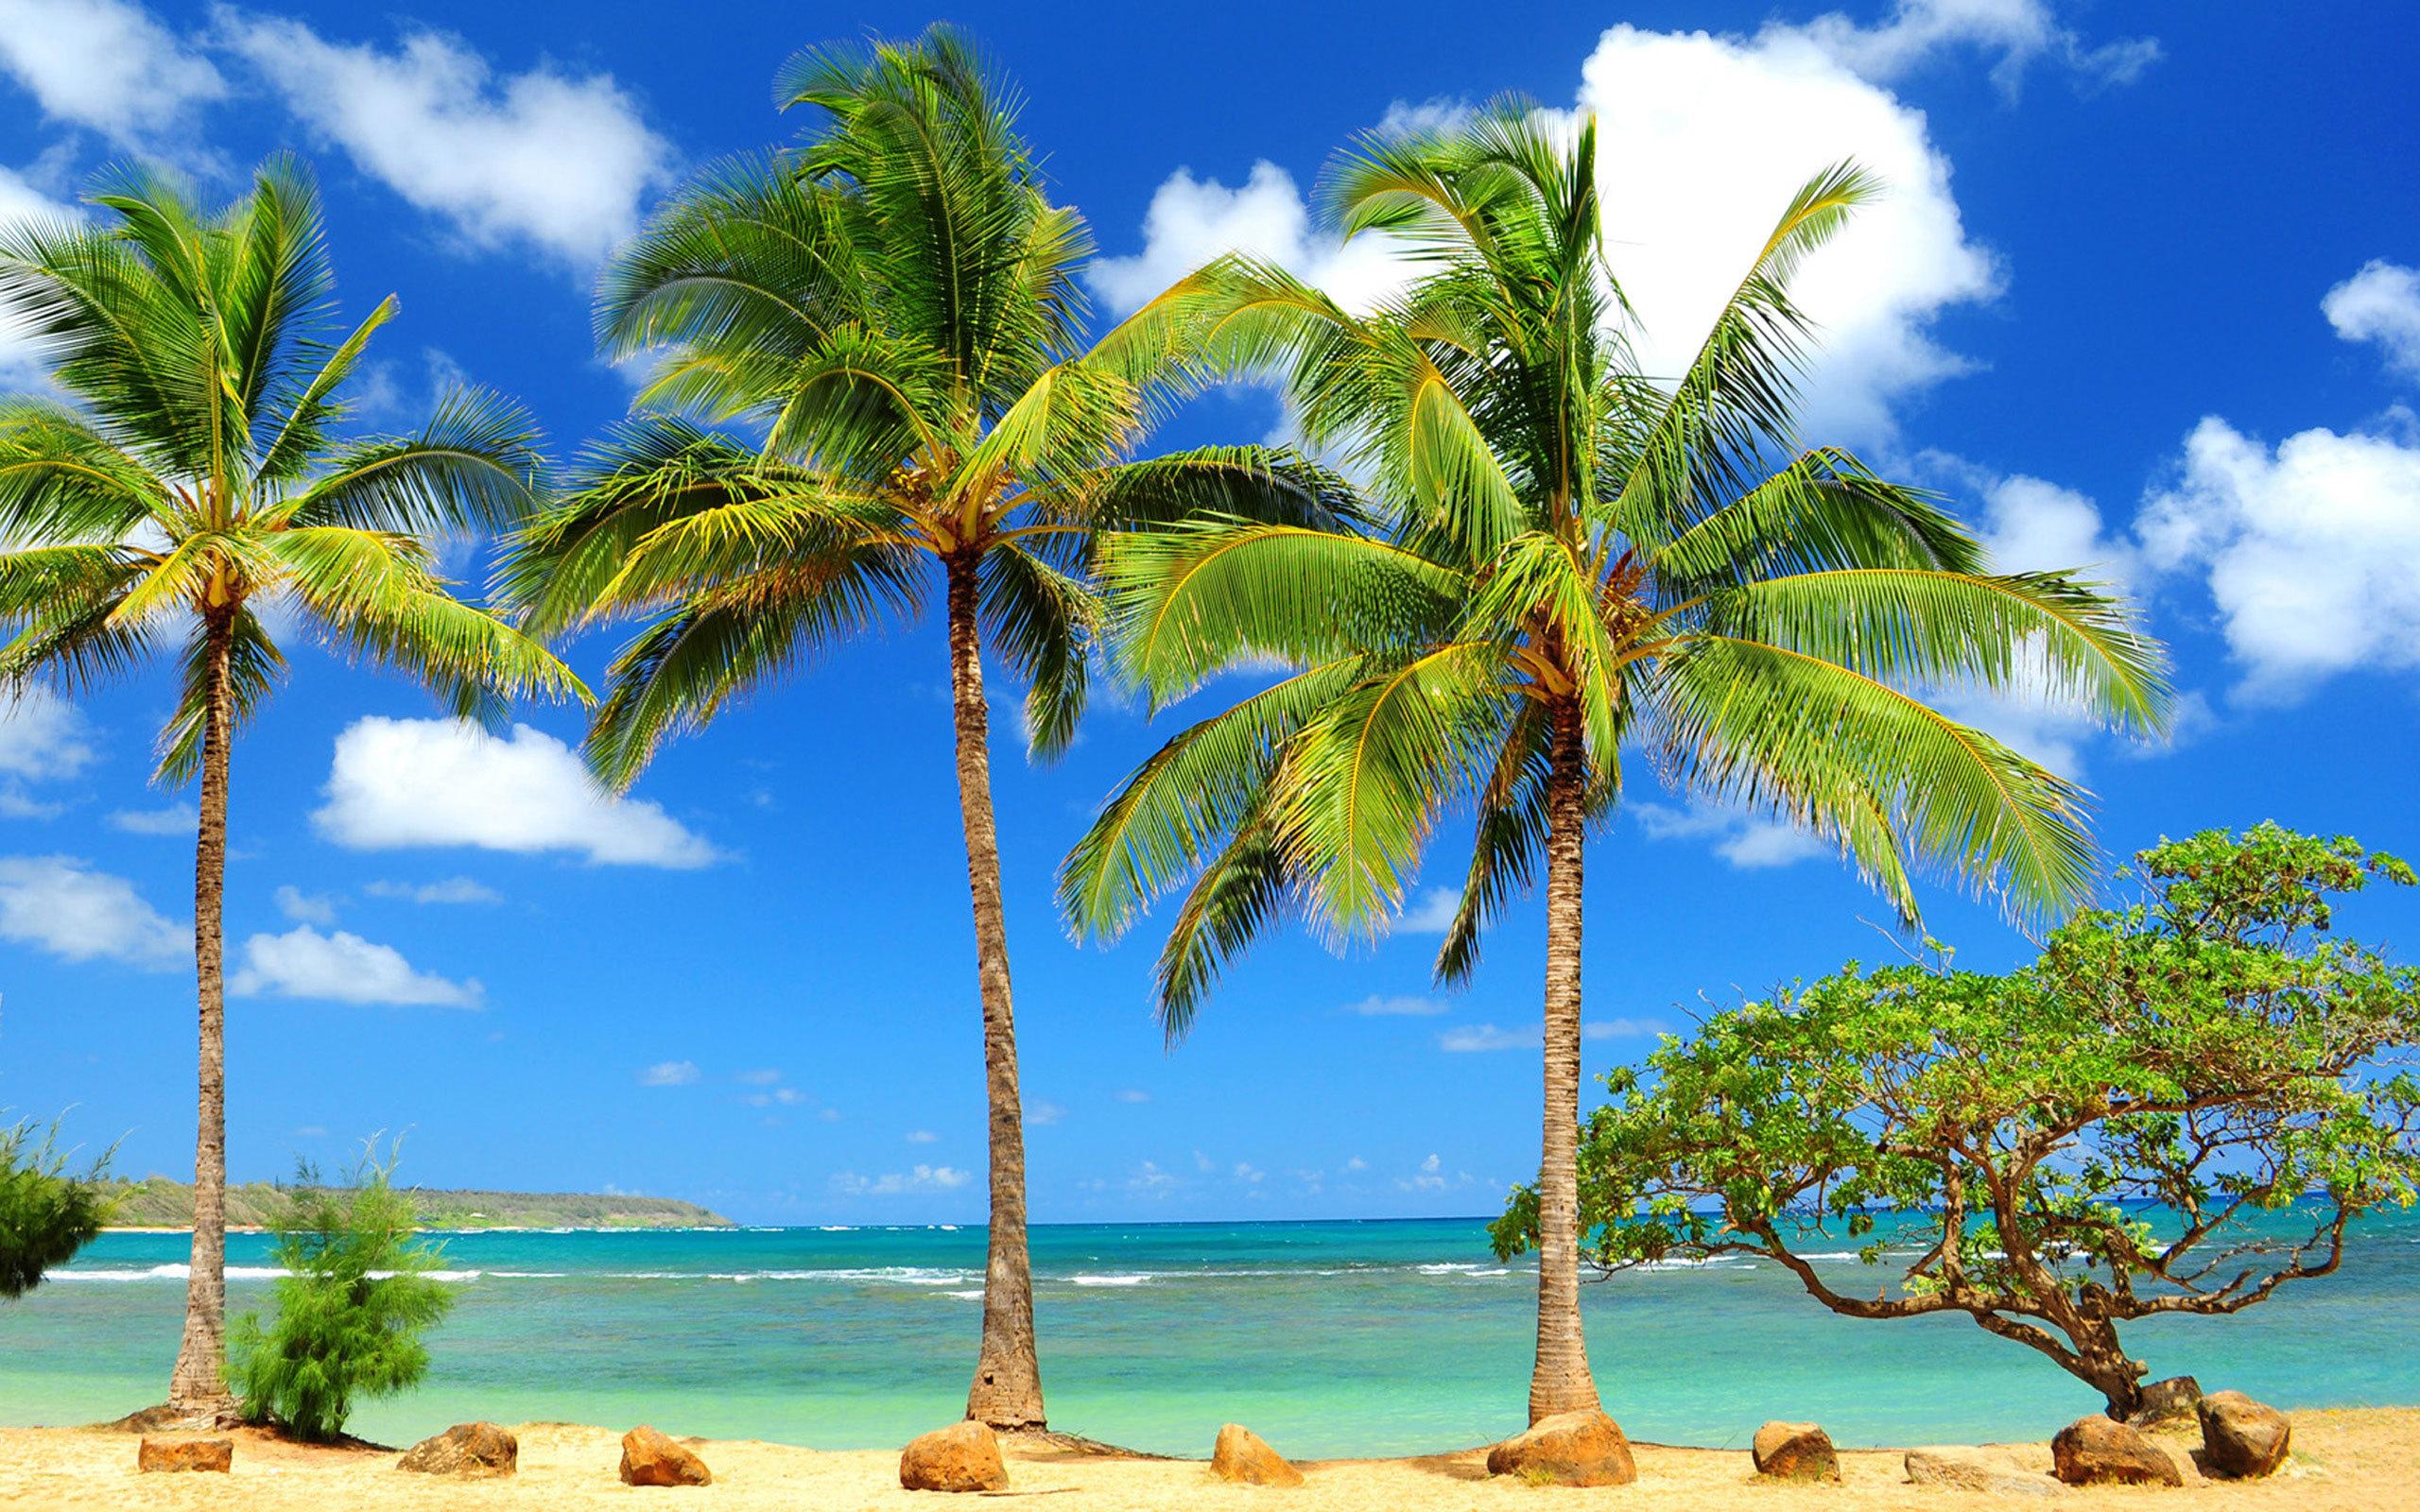 фотографии на рабочий экран пальмы прошлом